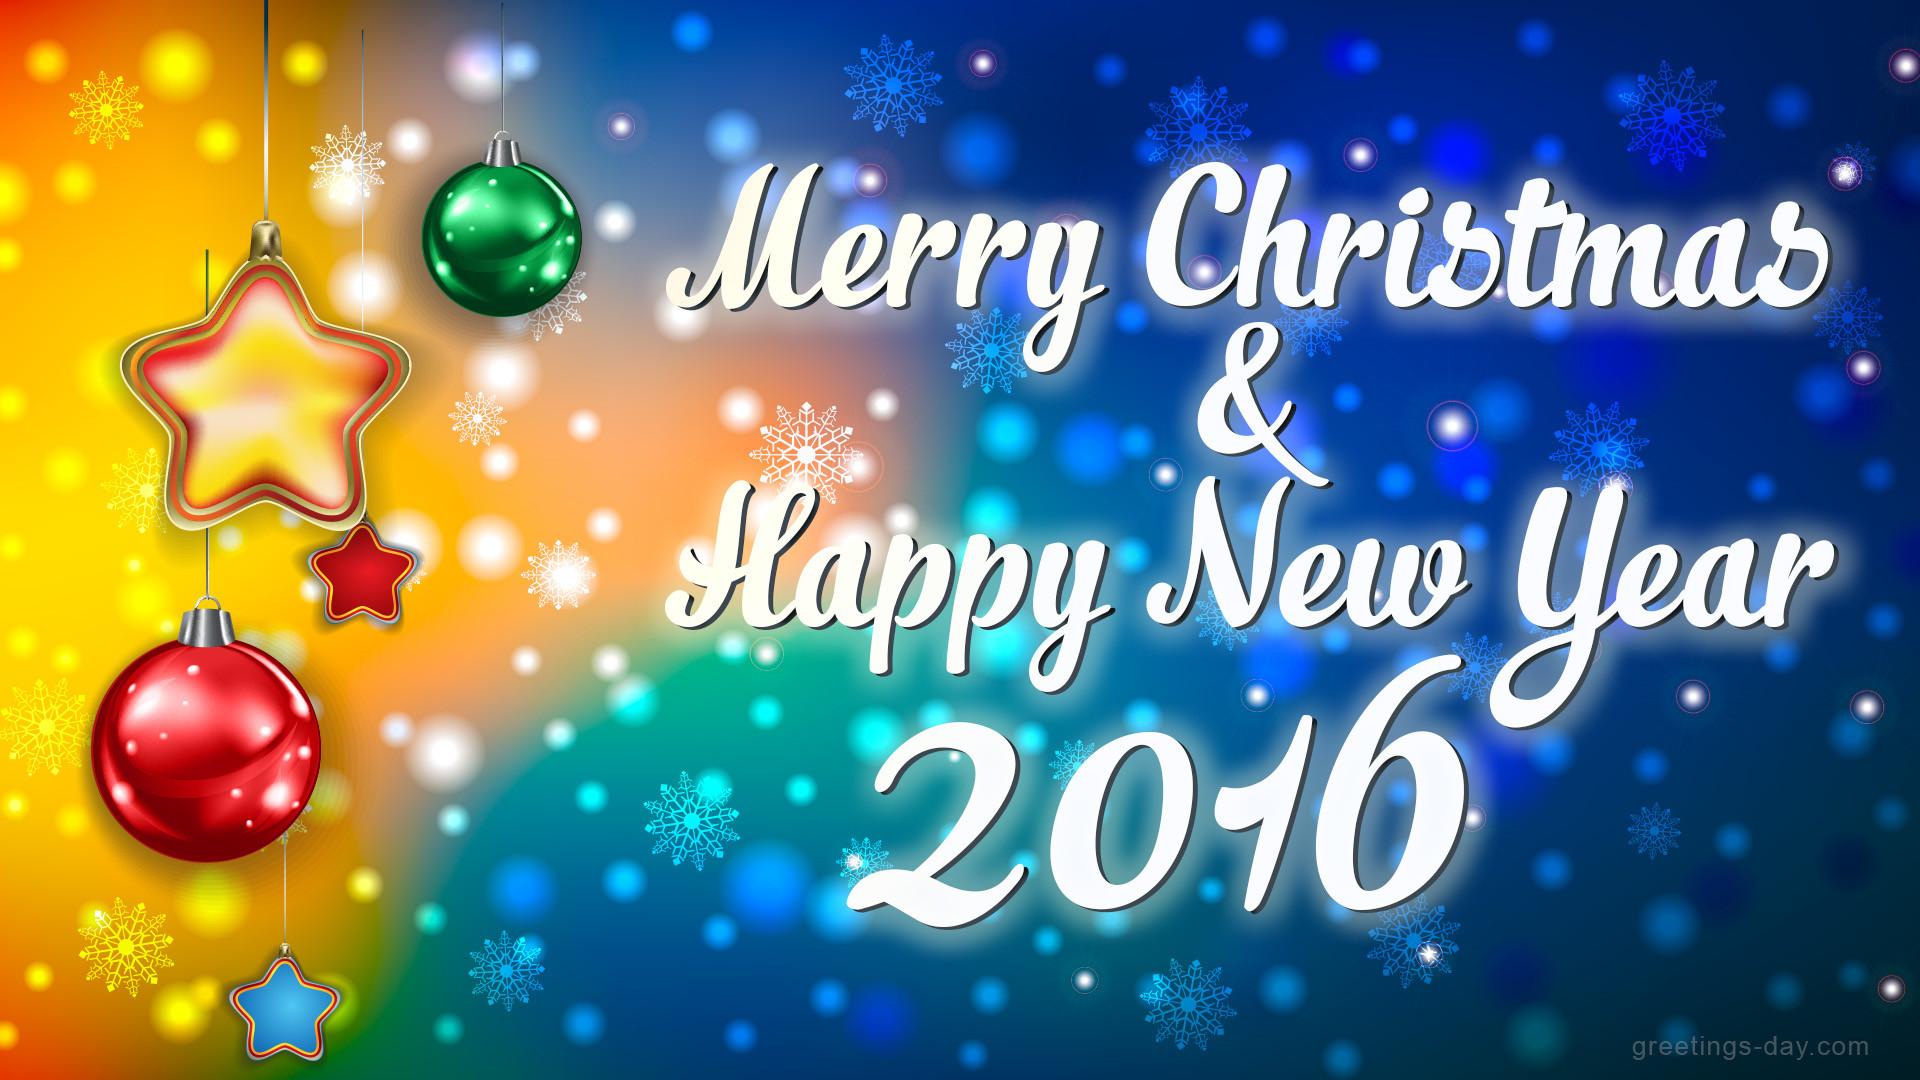 Merry Xmas 2016 Desktop Wallpaper Picture